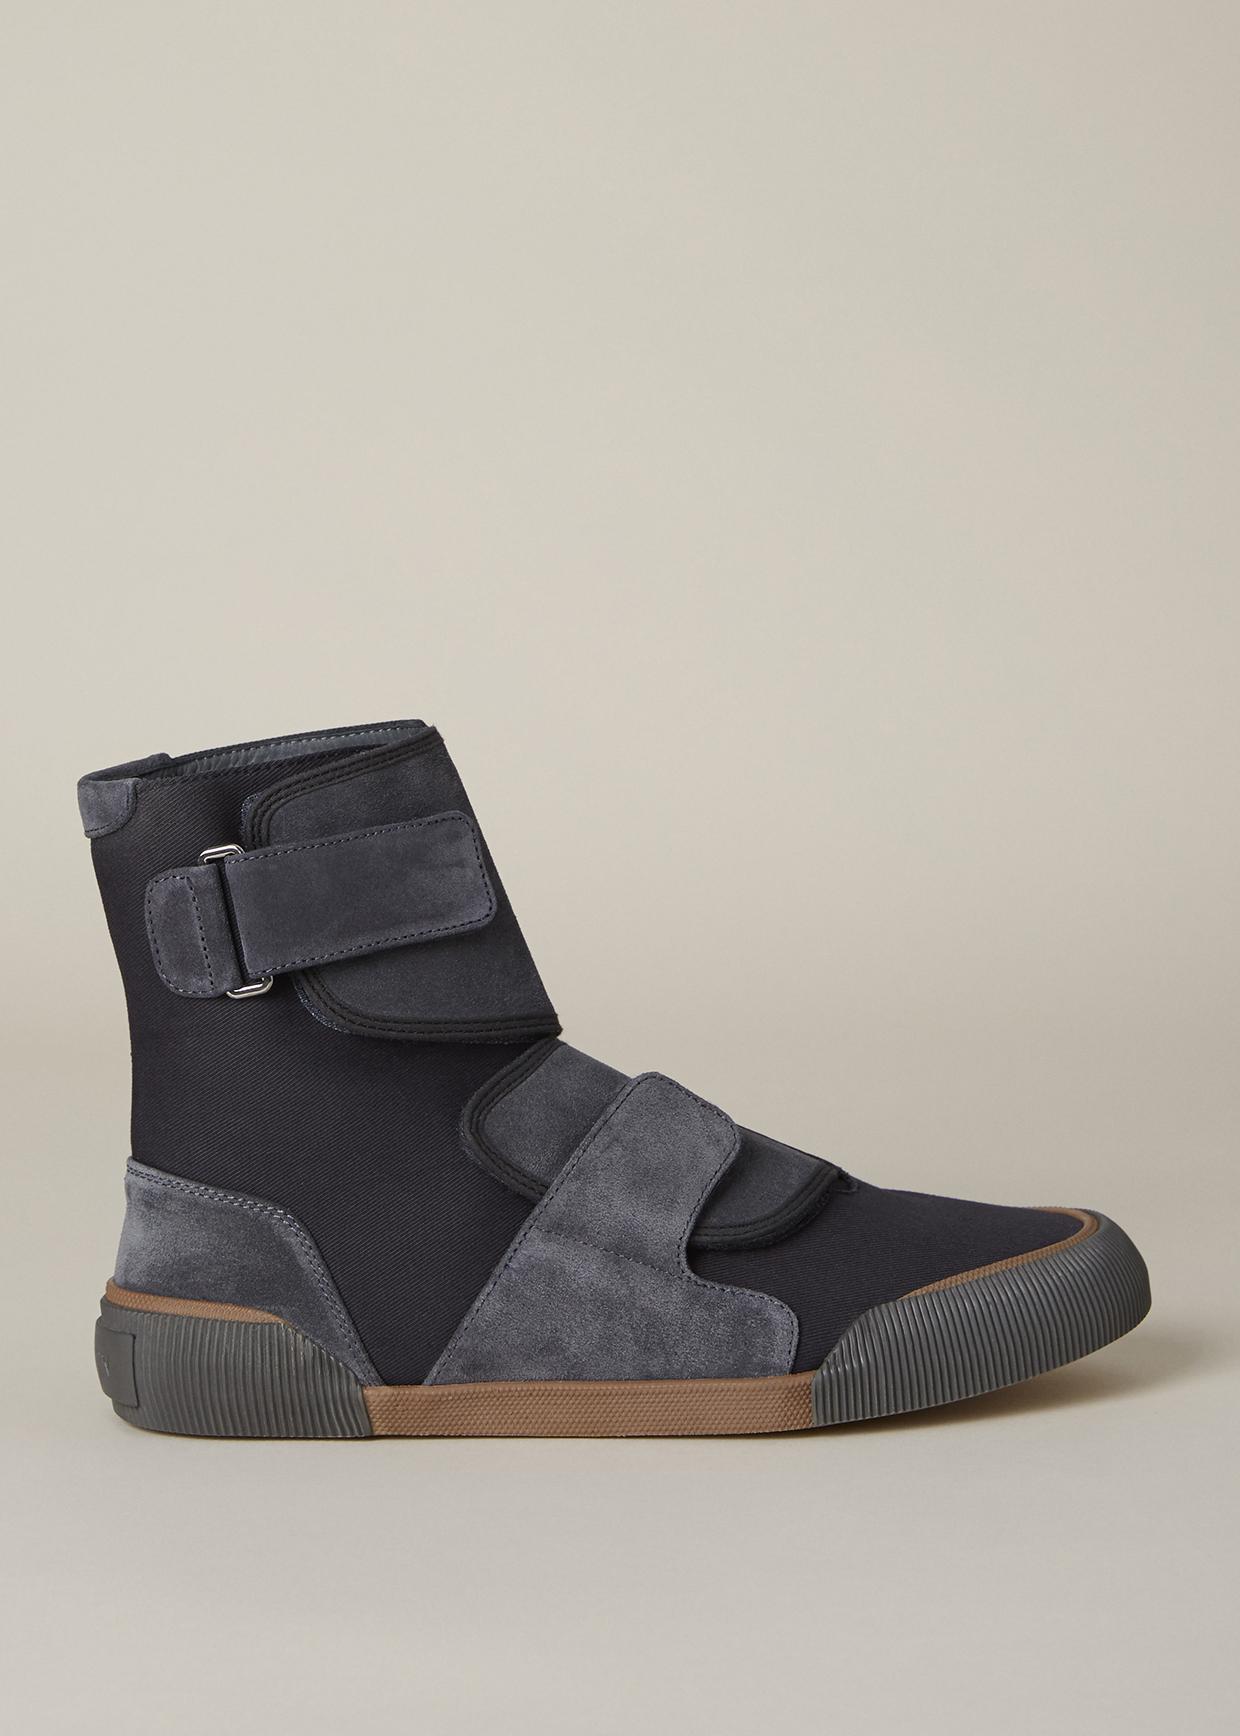 FOOTWEAR - High-tops & sneakers Lanvin fkMHY